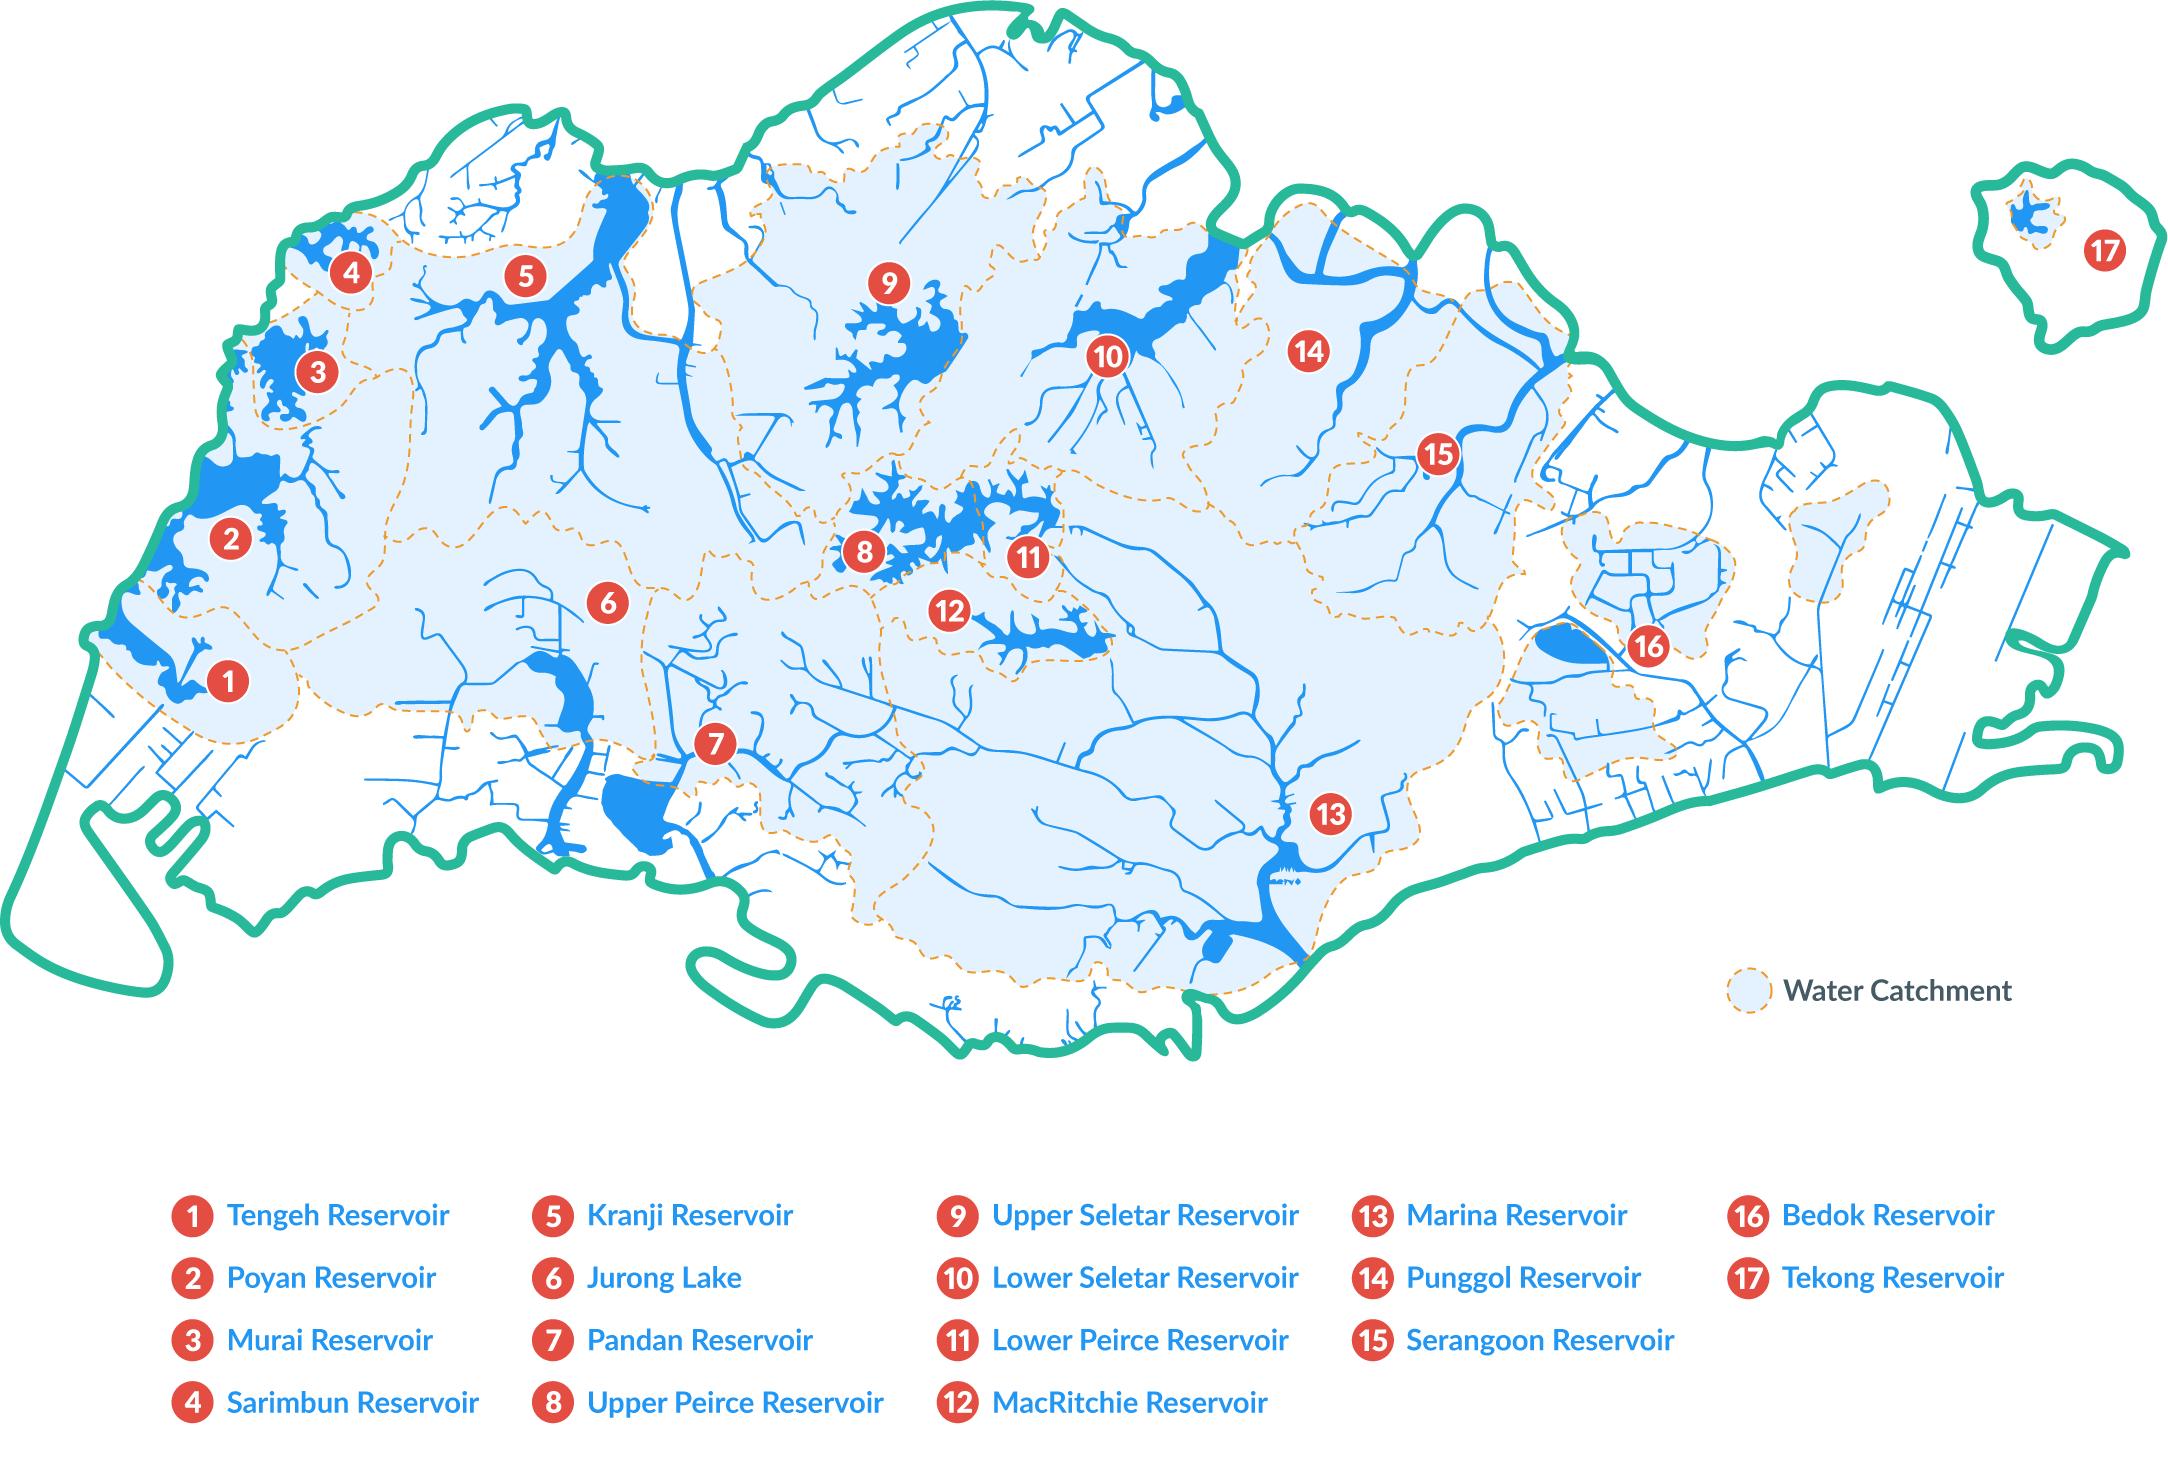 Pub Drainage Network